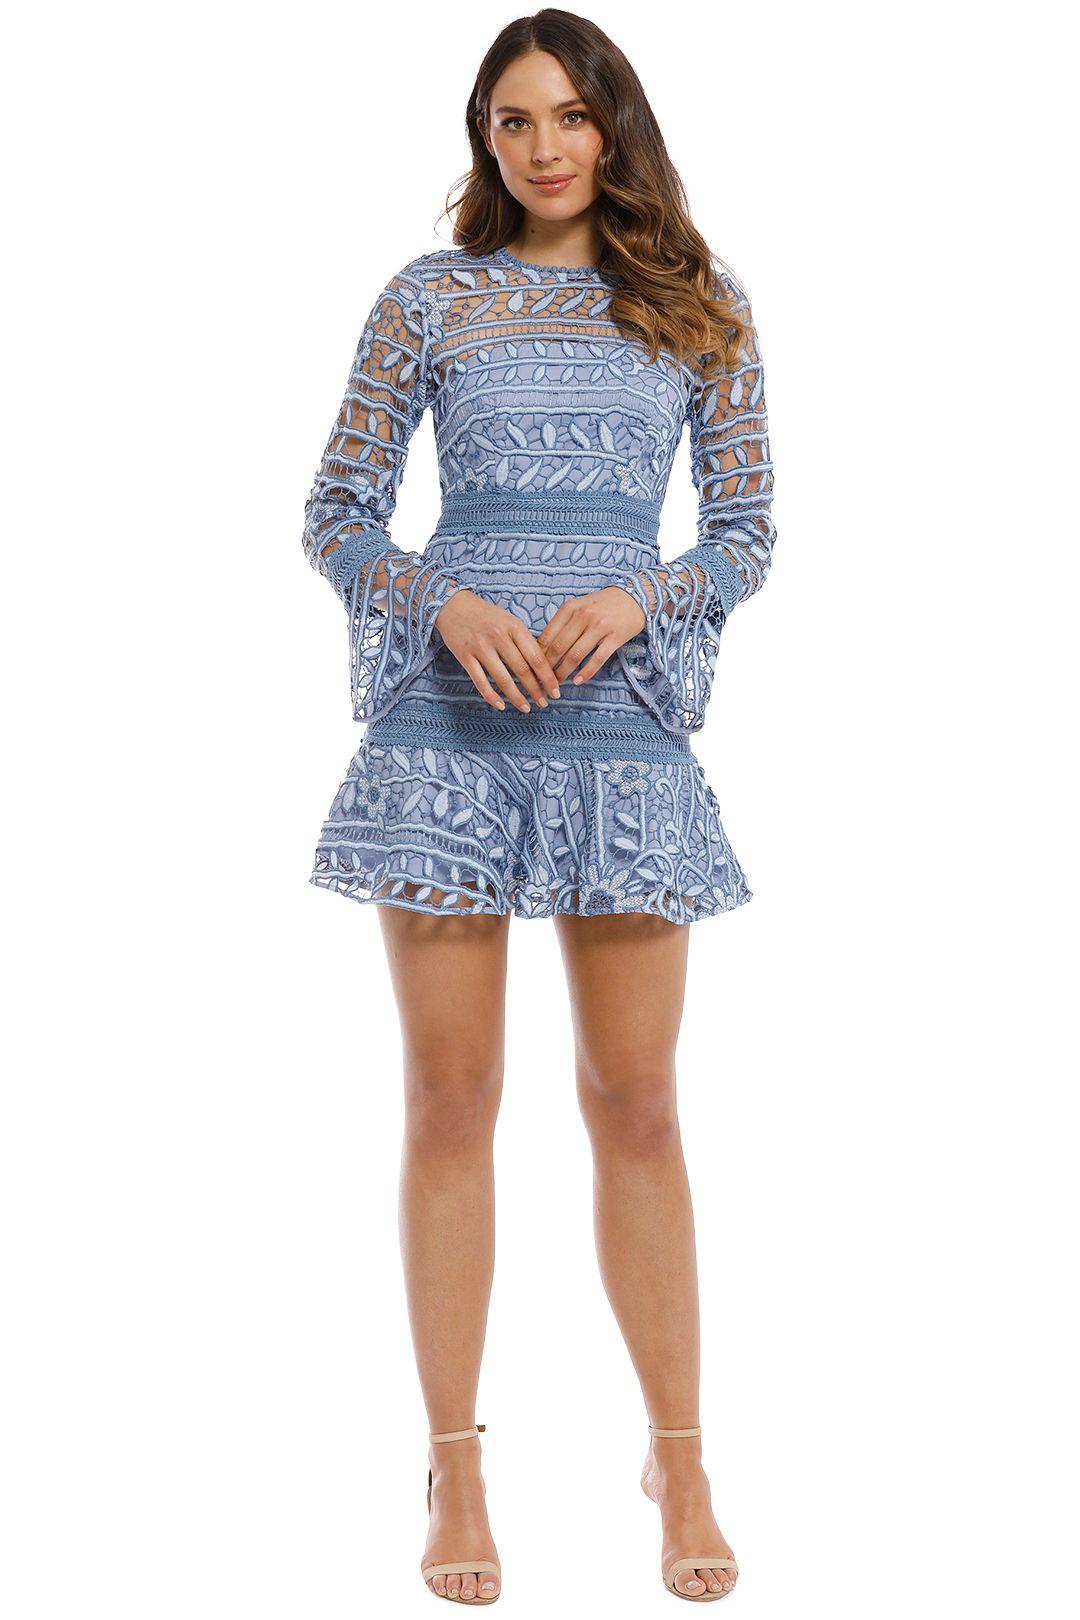 Talulah - Caprice Mini Dress - Blue - Front